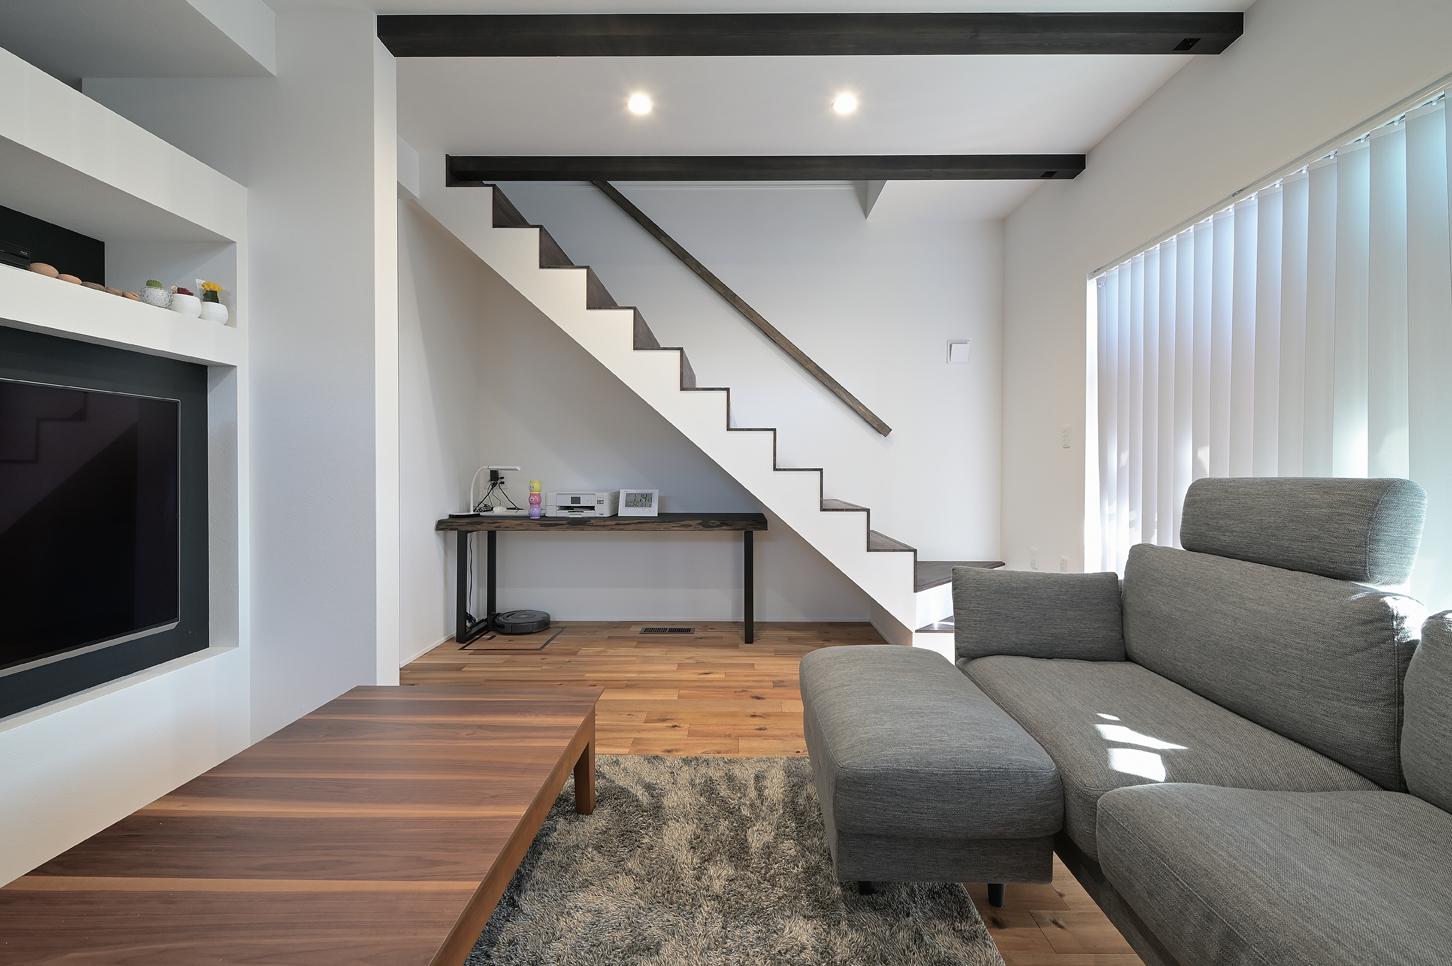 i.sus【子育て、省エネ、間取り】壁の上部を抜いたり、階段の手すりを壁側だけにしたり、元大工のご主人が設計士と相談しながら、より広く感じられるよう仕上げた